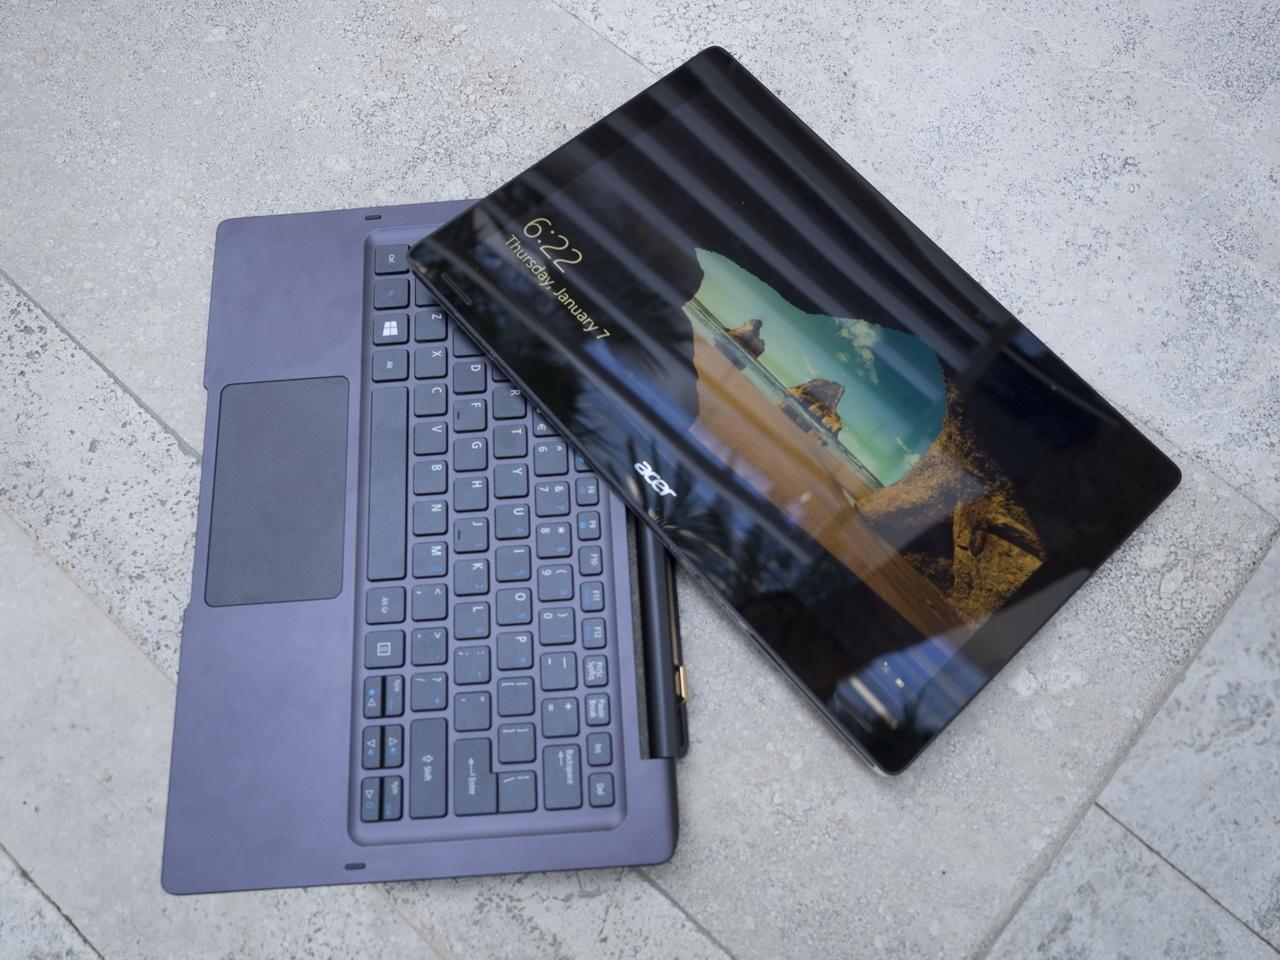 Acer на CES 2016: мониторы, планшеты, игровые ноутбуки и ультрамобильный трансформер - 9